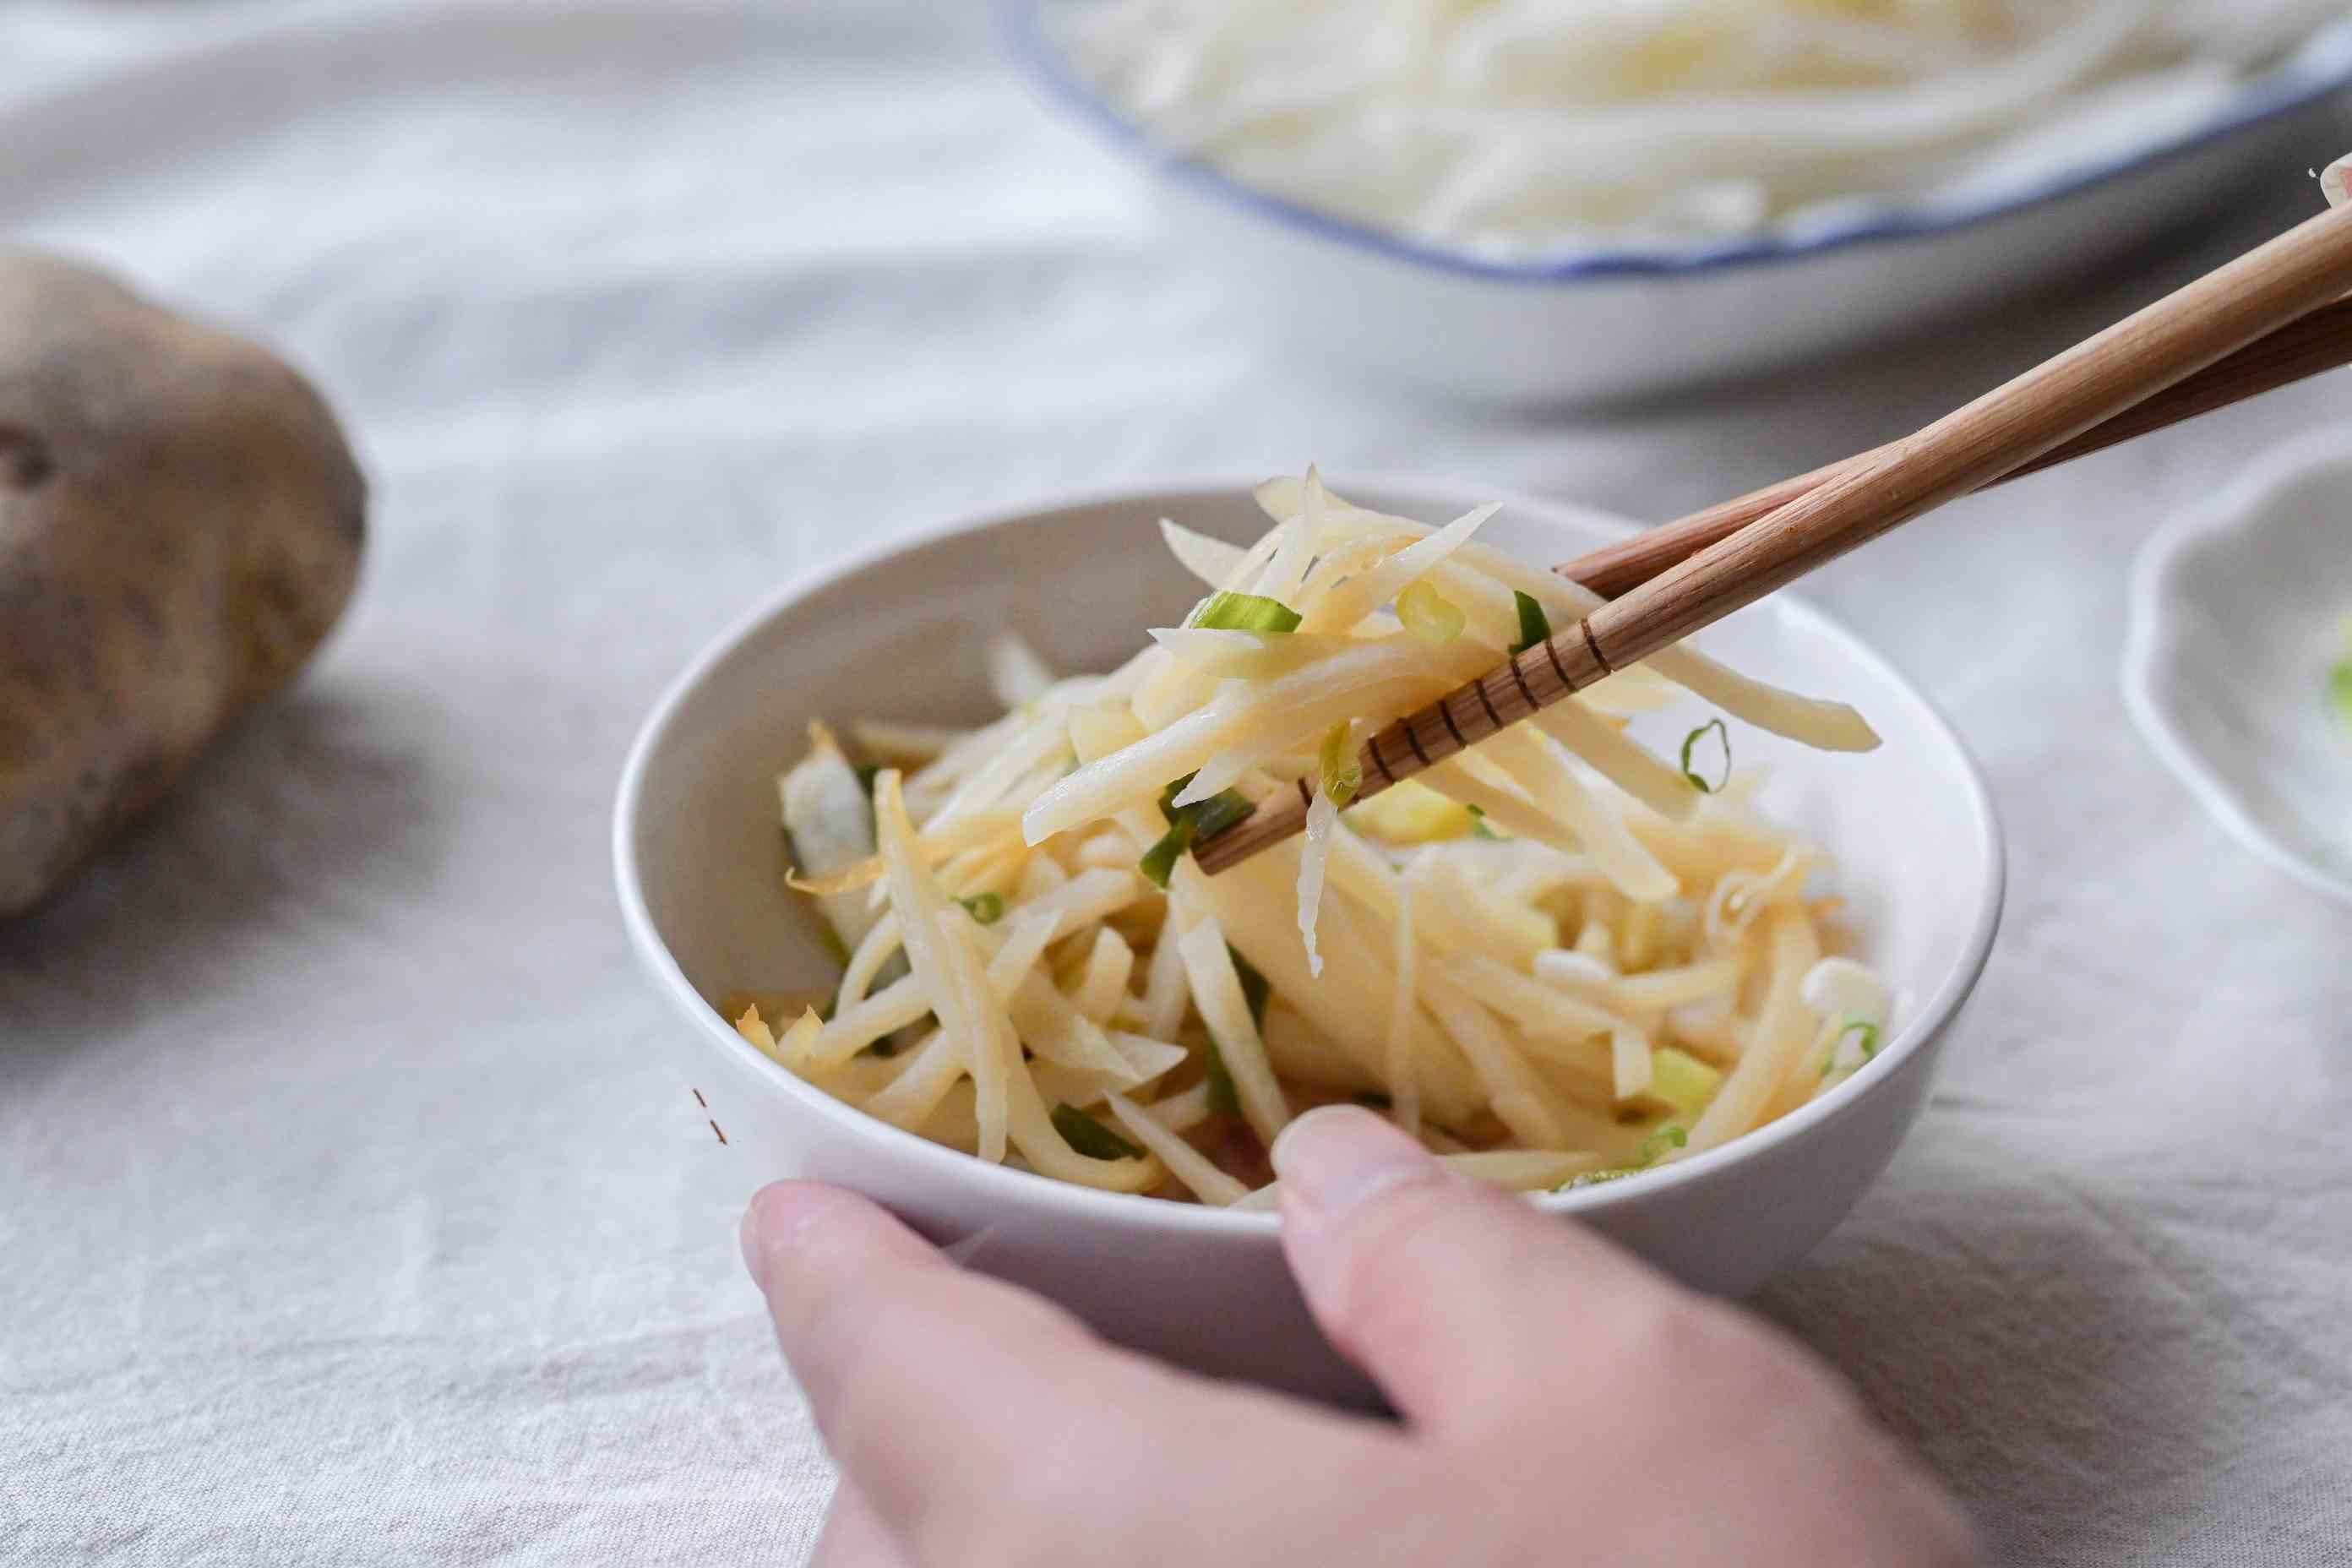 日式柚子辣椒醬醋溜馬鈴薯(土豆絲)